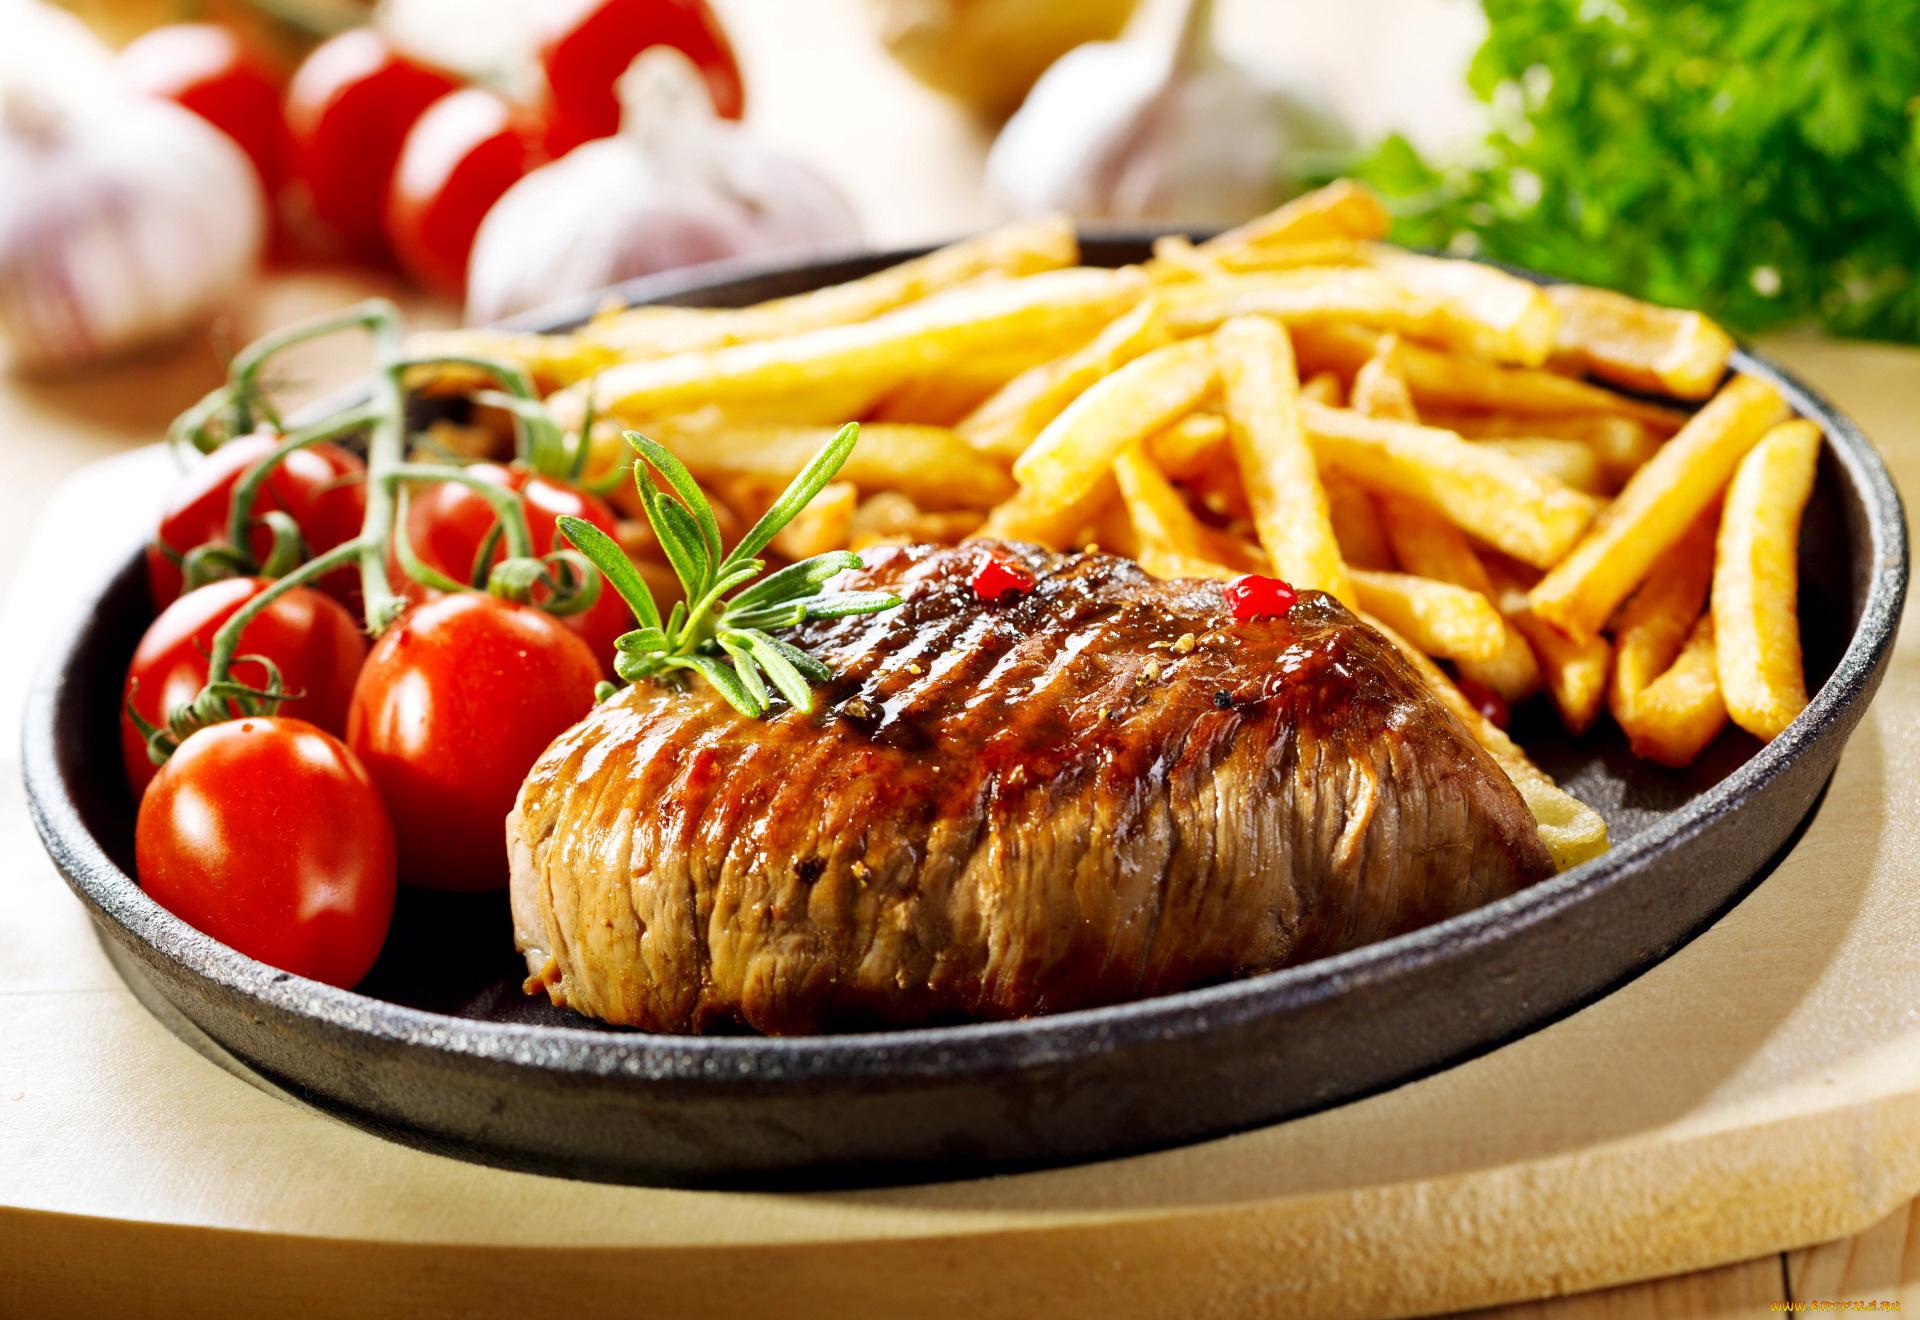 Февраля десантнику, картинки вкусных блюд из мяса